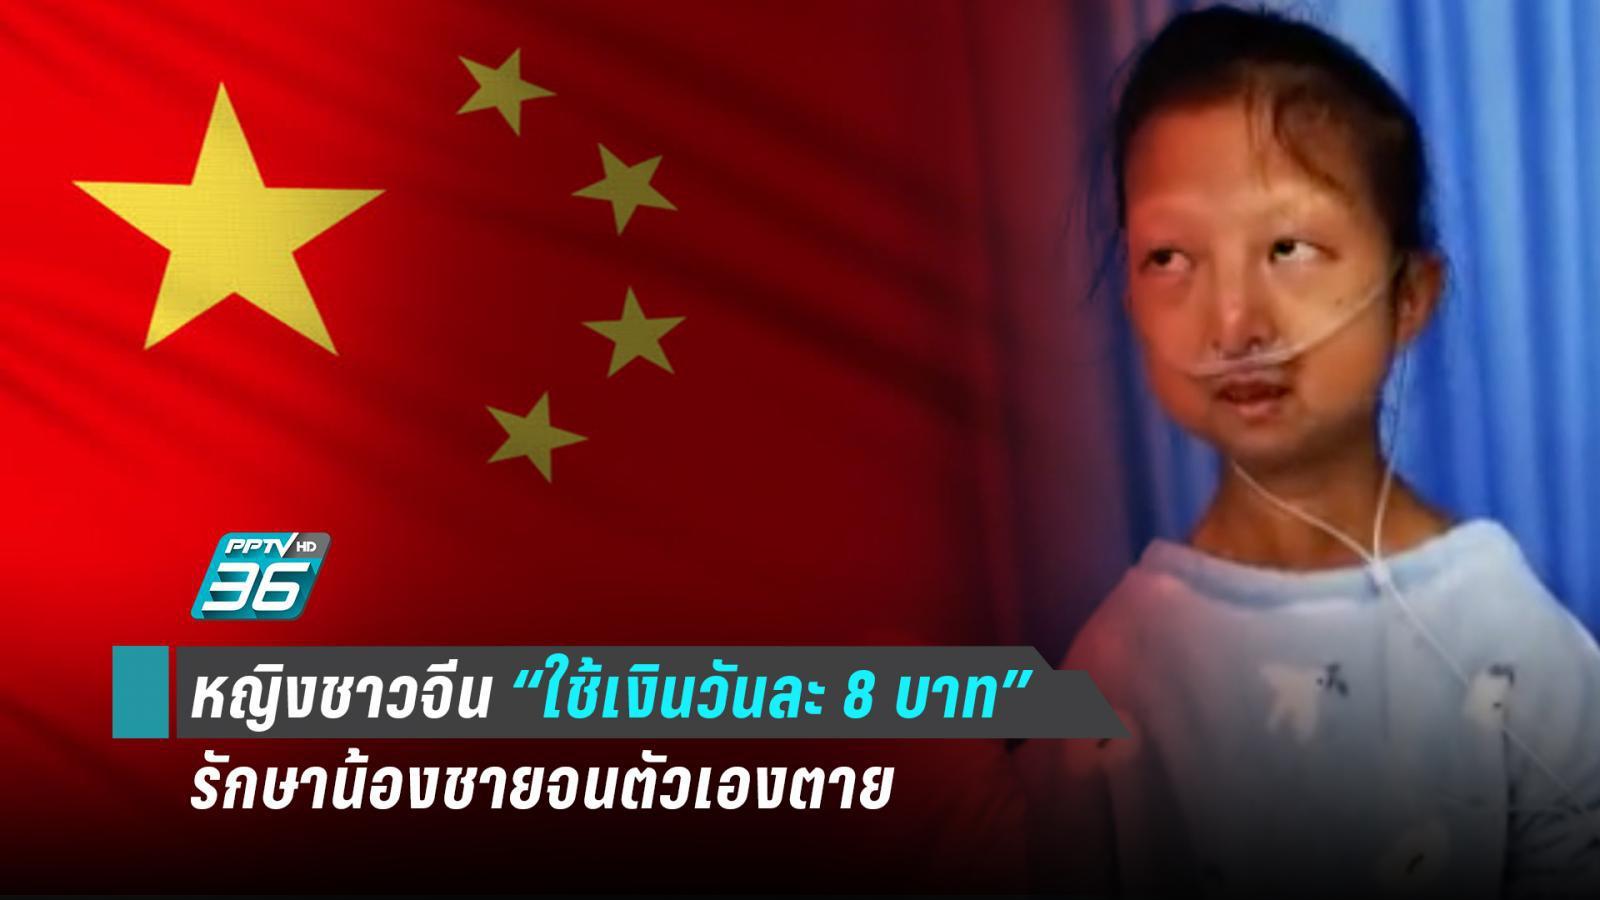 หญิงชาวจีนขาดสารอาหารตายหลังใช้เงินวันละ 8 บาทที่เหลือออมไว้รักษาน้องชาย